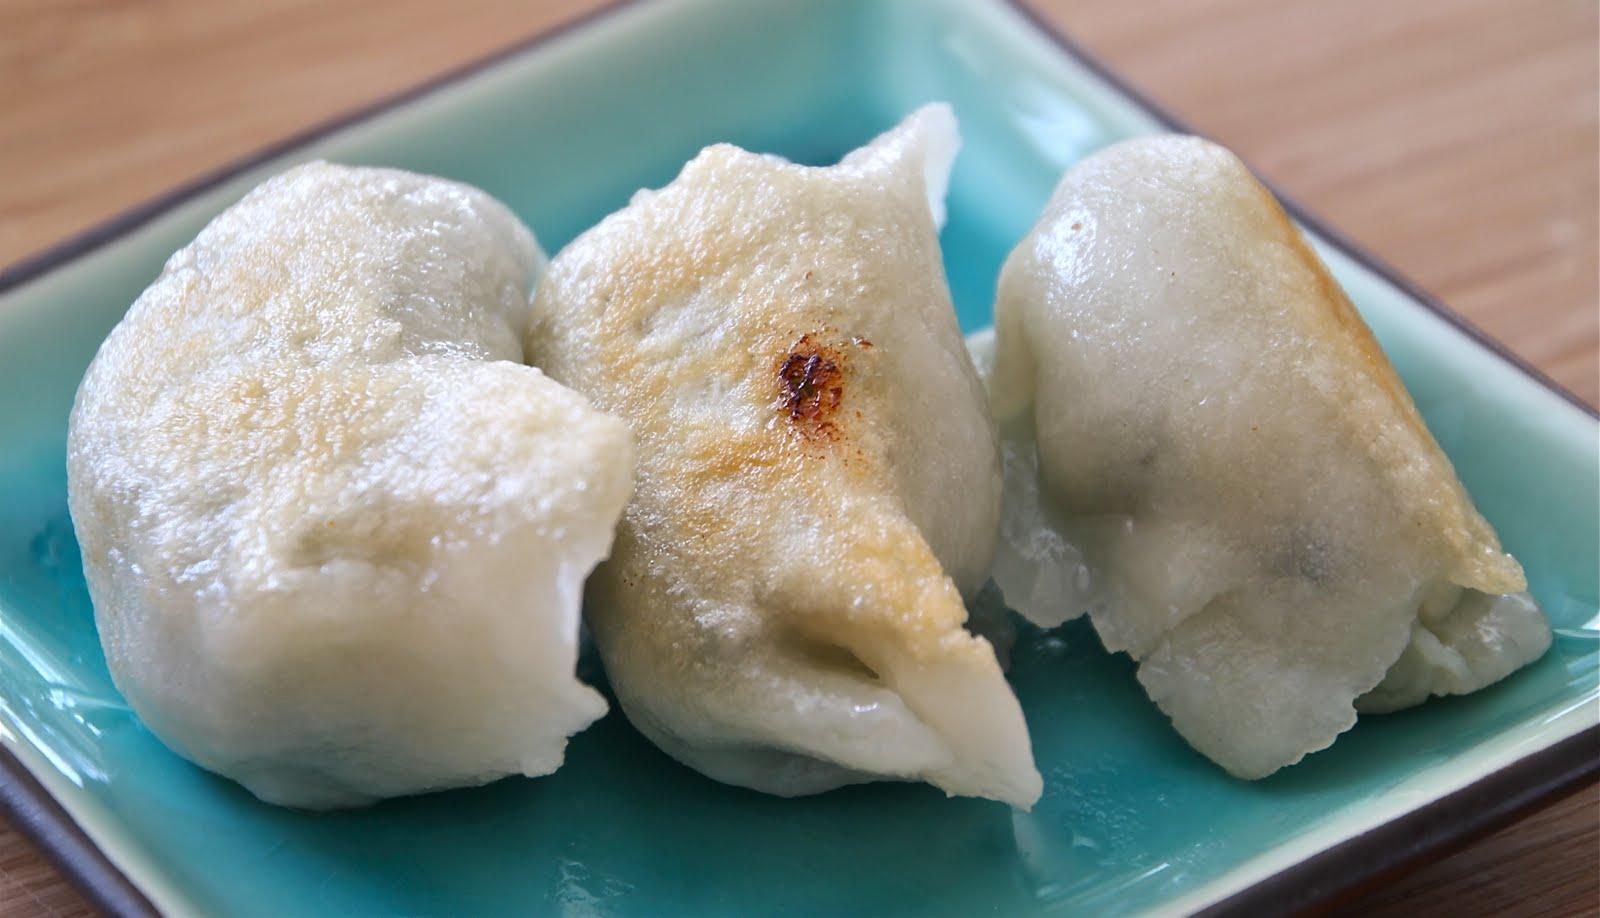 Gluten Free Chinese Dumpling Recipe - Jeanette's Healthy ...